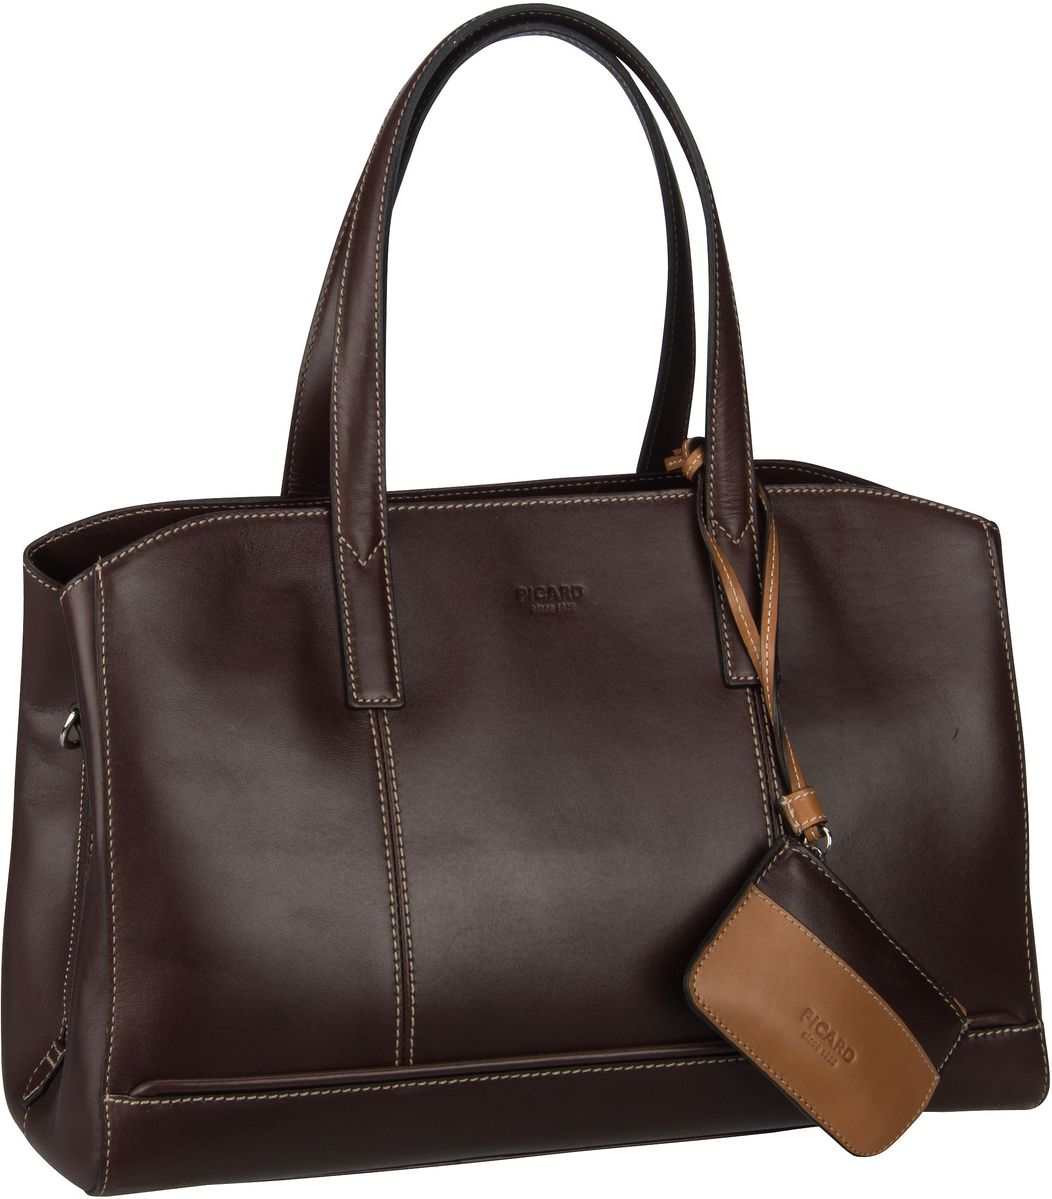 Handtasche Companion 4723 Cafe